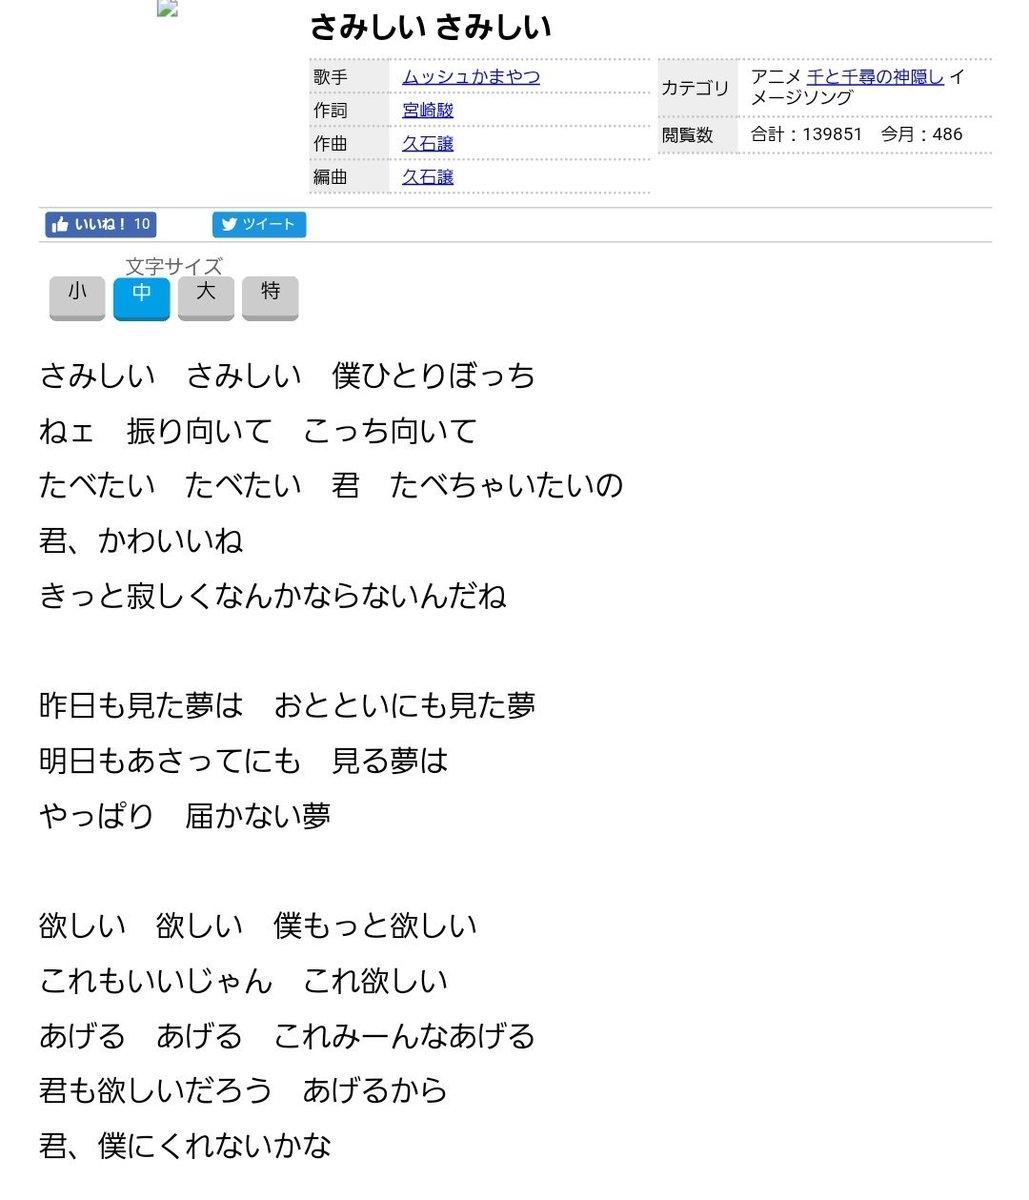 宮崎駿、カオナシのキャラソンまで作ってるからな…